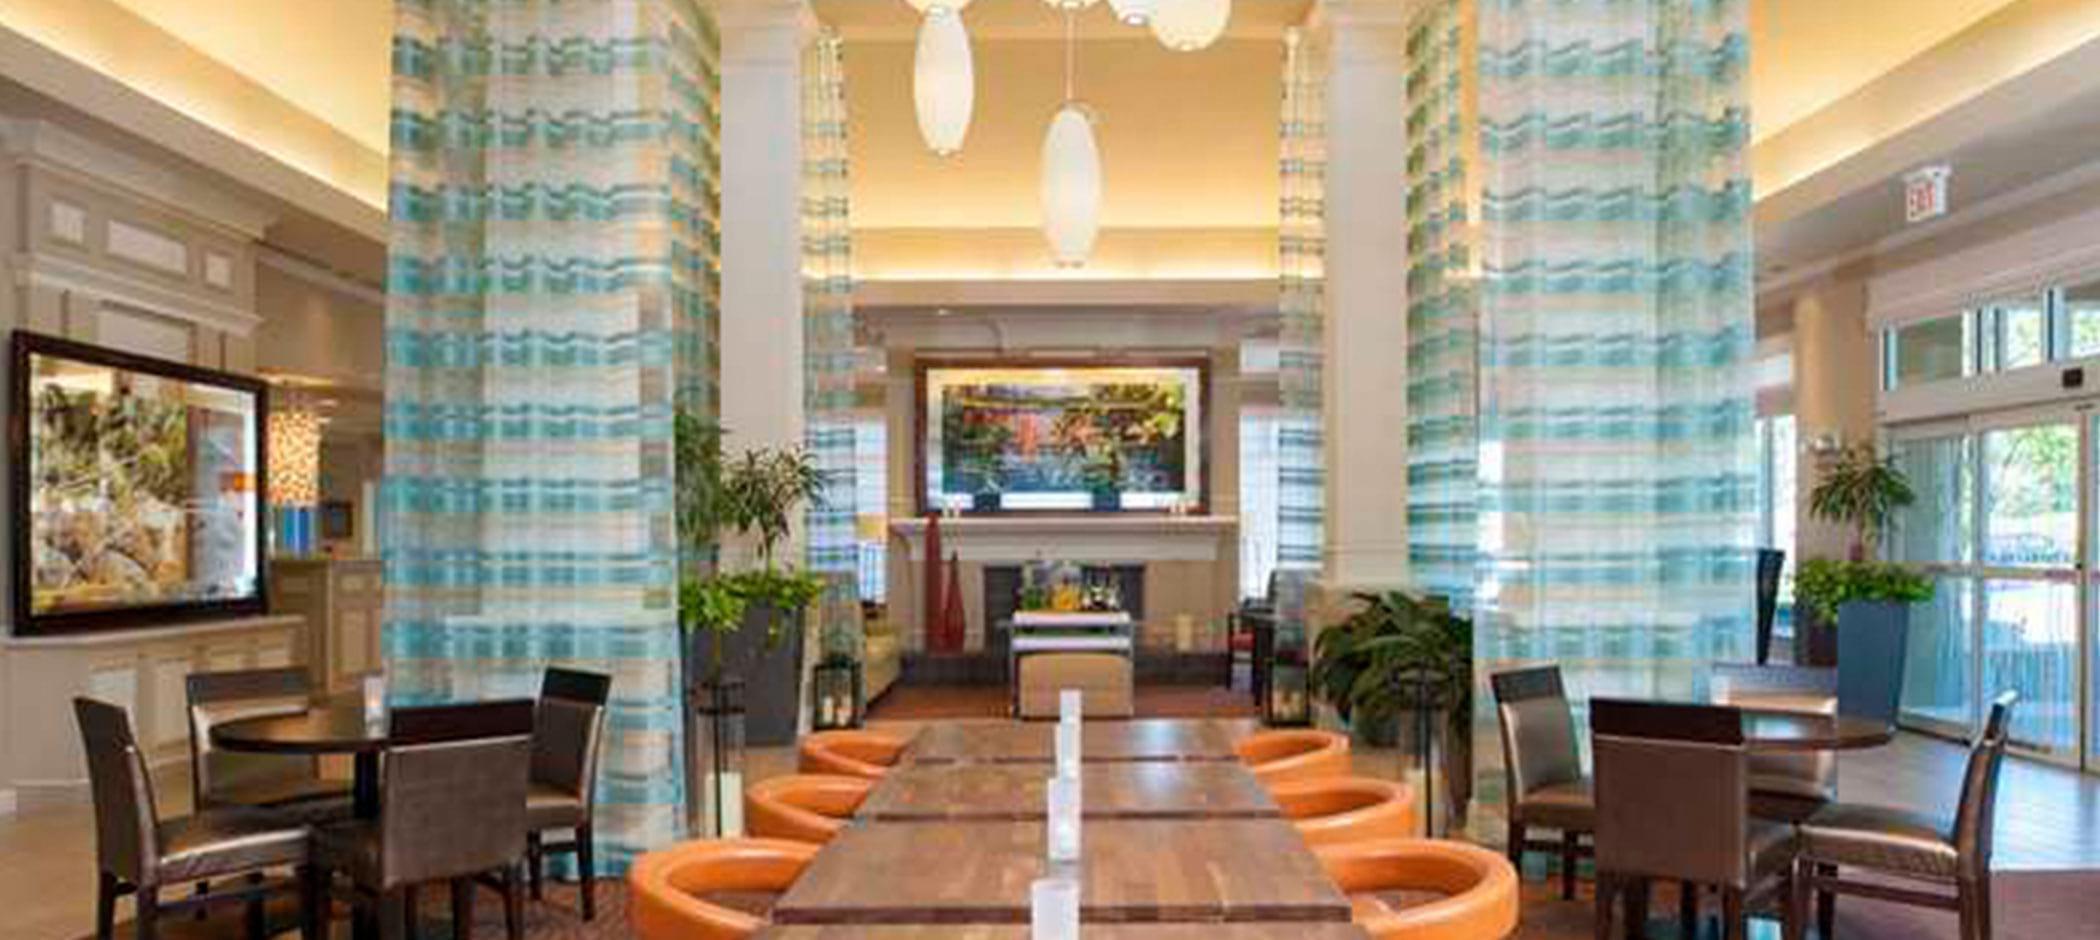 Hilton Garden Inn Plymouth lobby